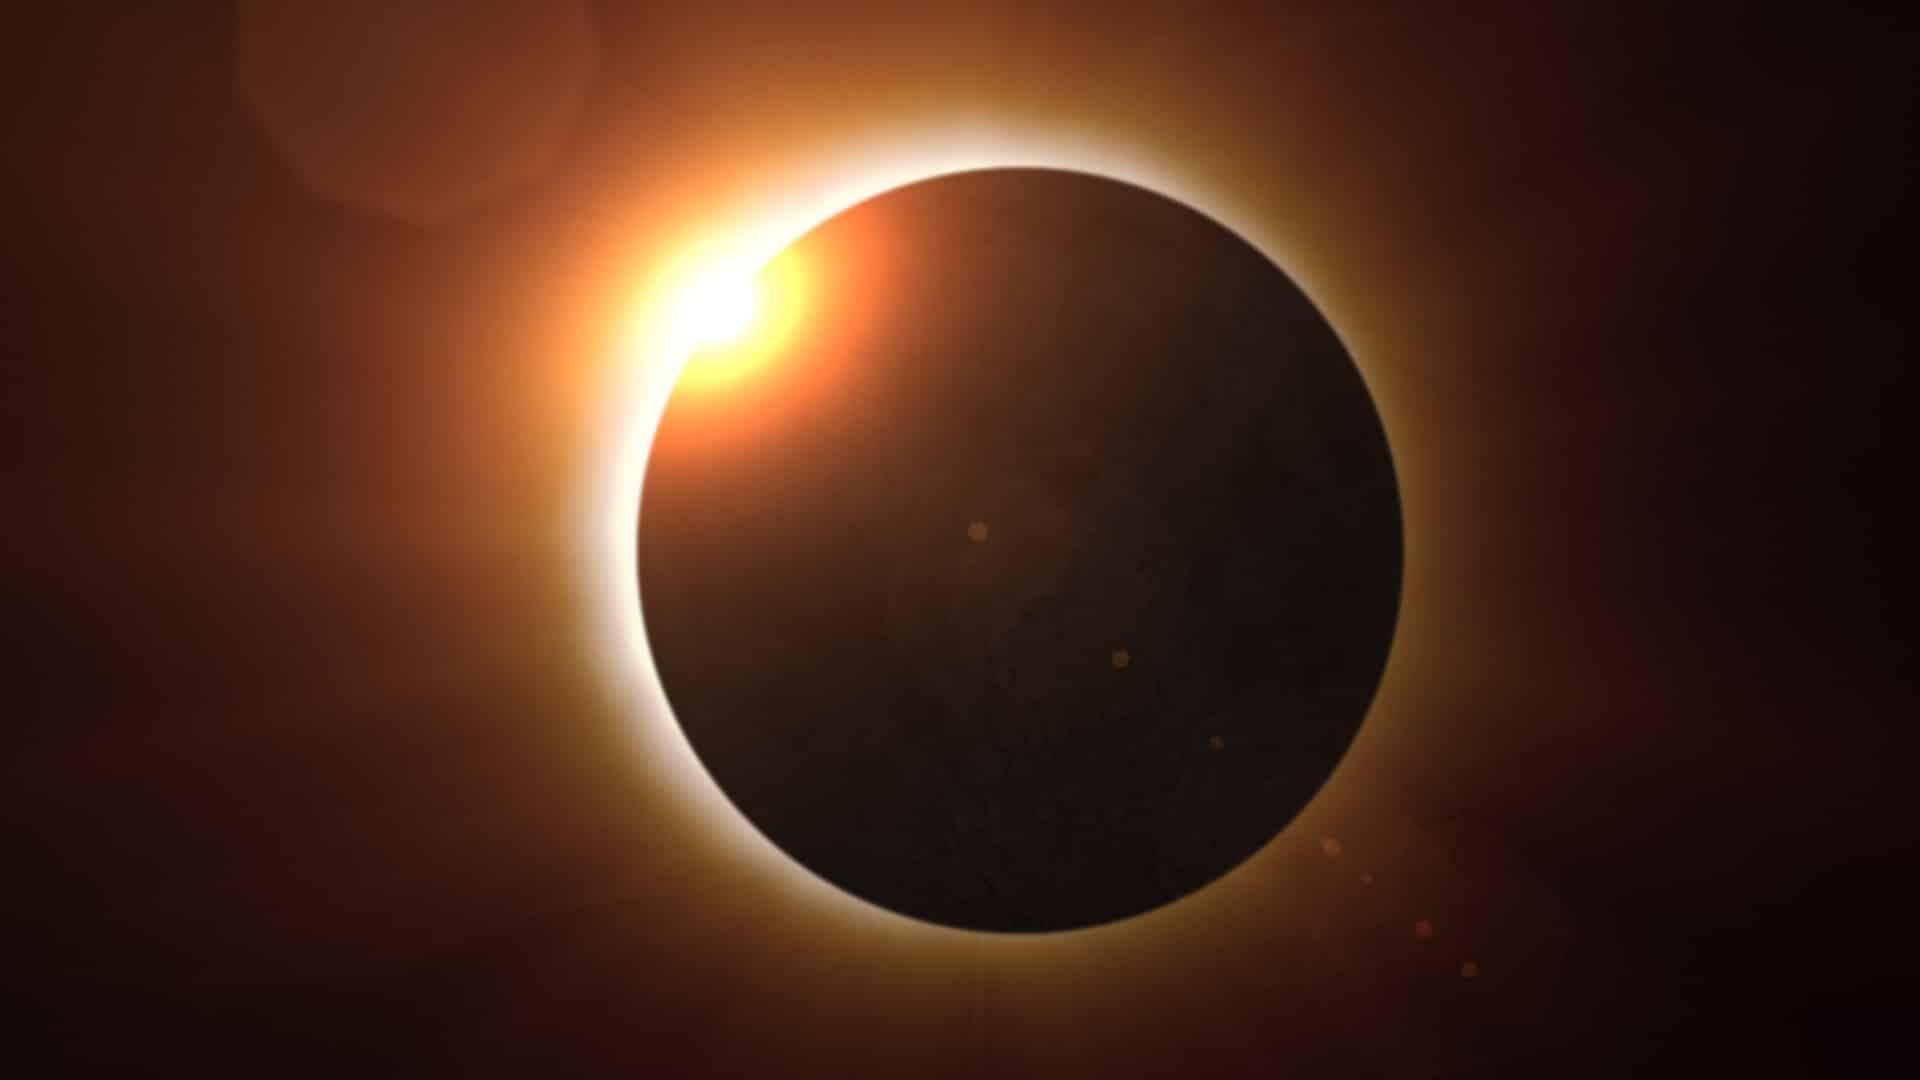 Eclipse solar - o que é, como ocorre, tipos e como observar